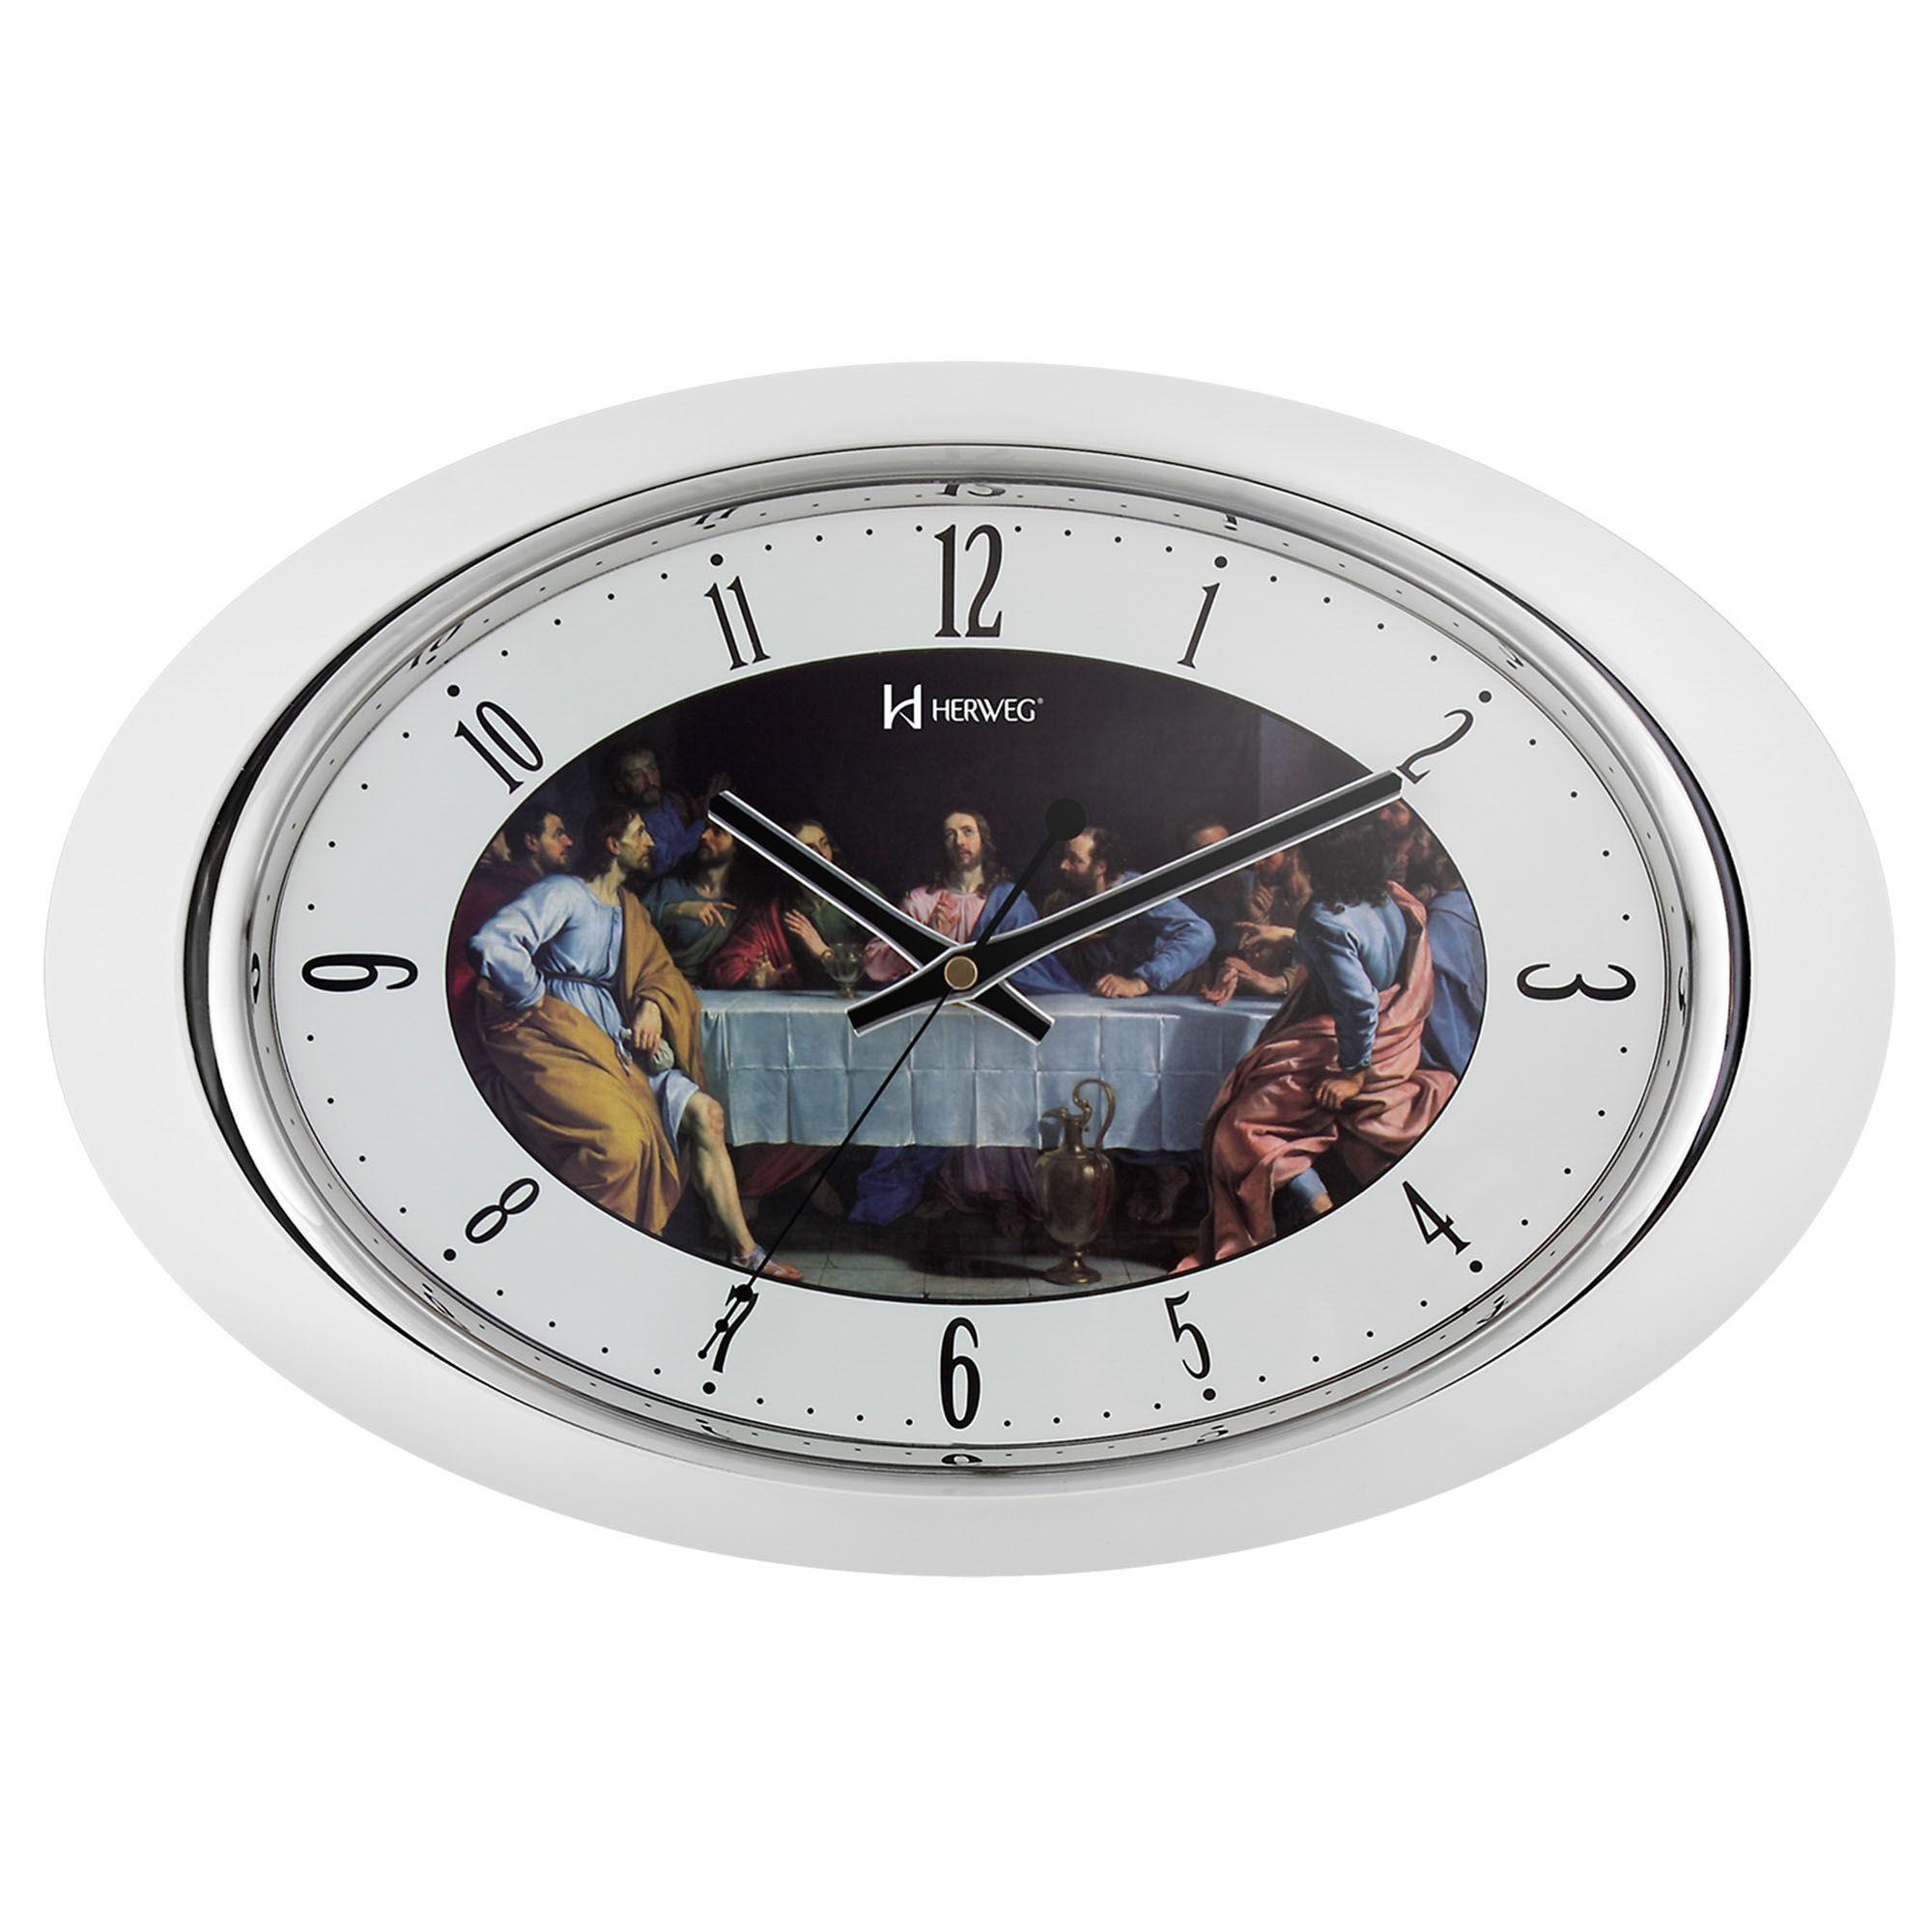 Relógio de Parede Analógico Herweg 6354 021 Branco